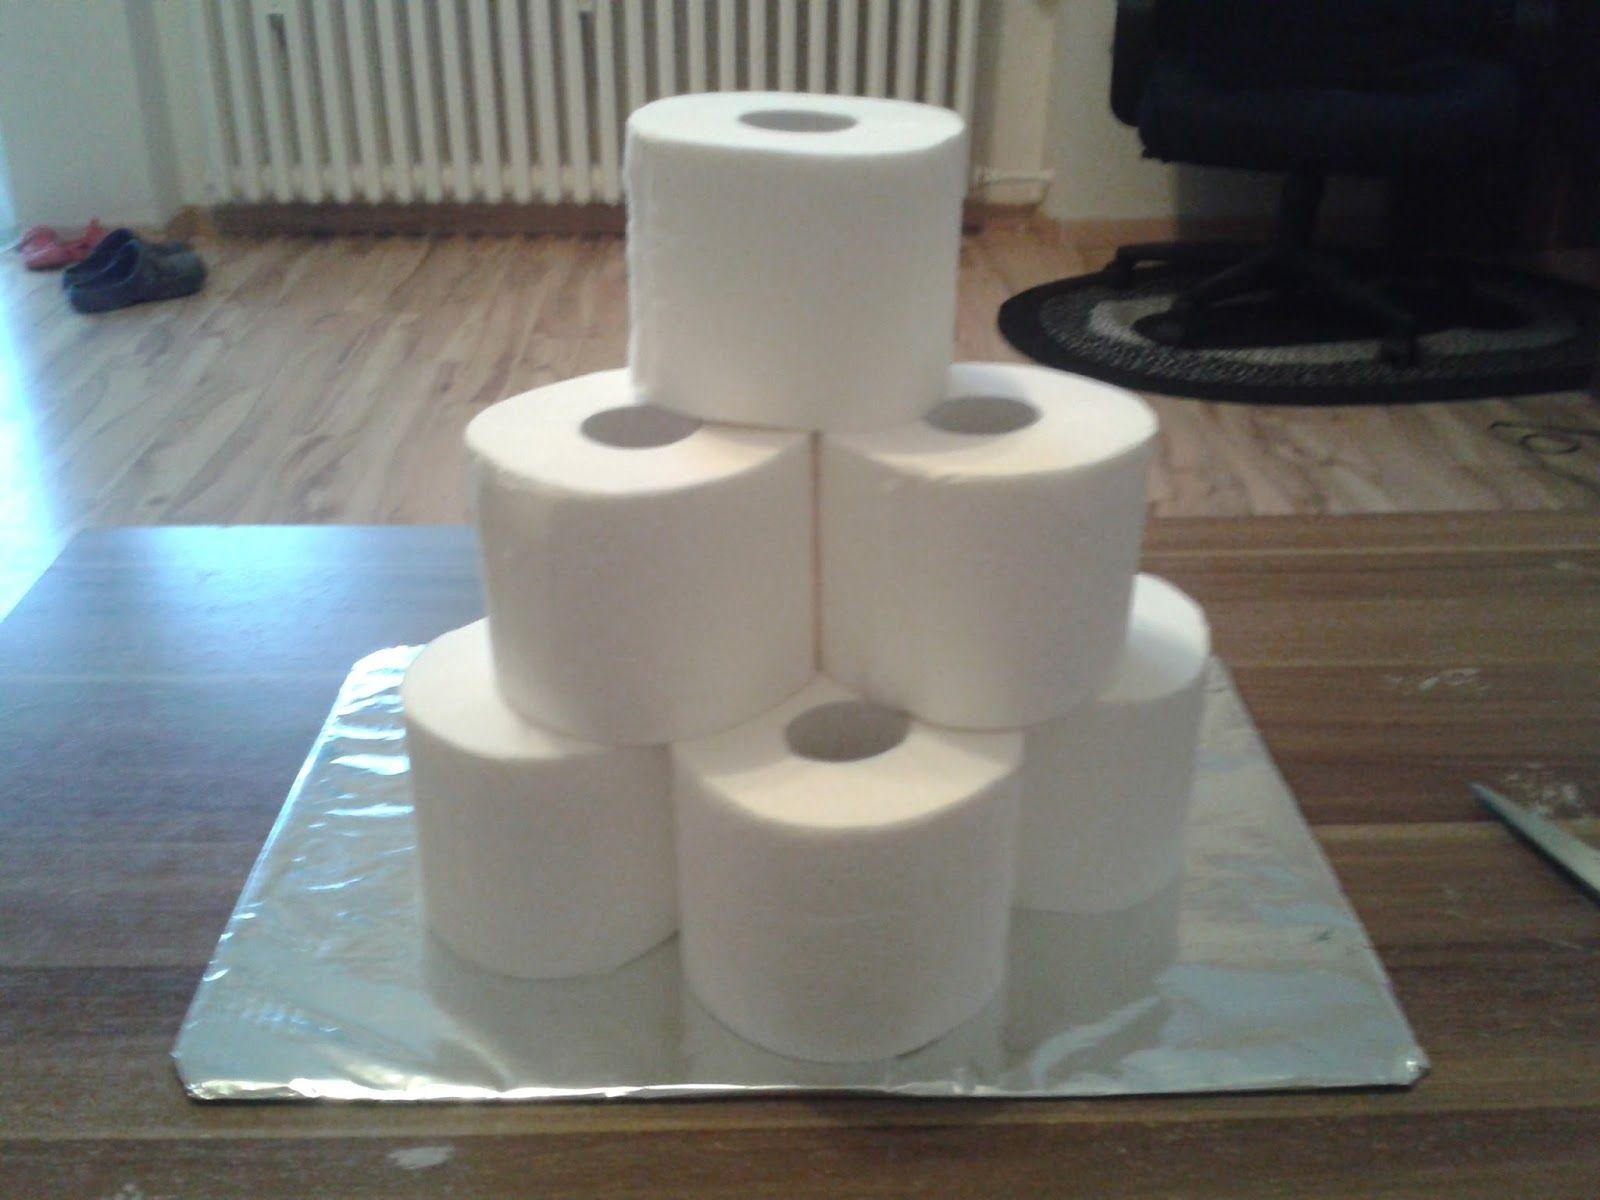 Torte Au S Klopapier Rollen Das Ideale Geschenk Zum Geburtstag Hochzeit Oder Einweihung Bei Diesem Geschenk Ist Klopapier Klopapiertorte Toilettenpapiertorte